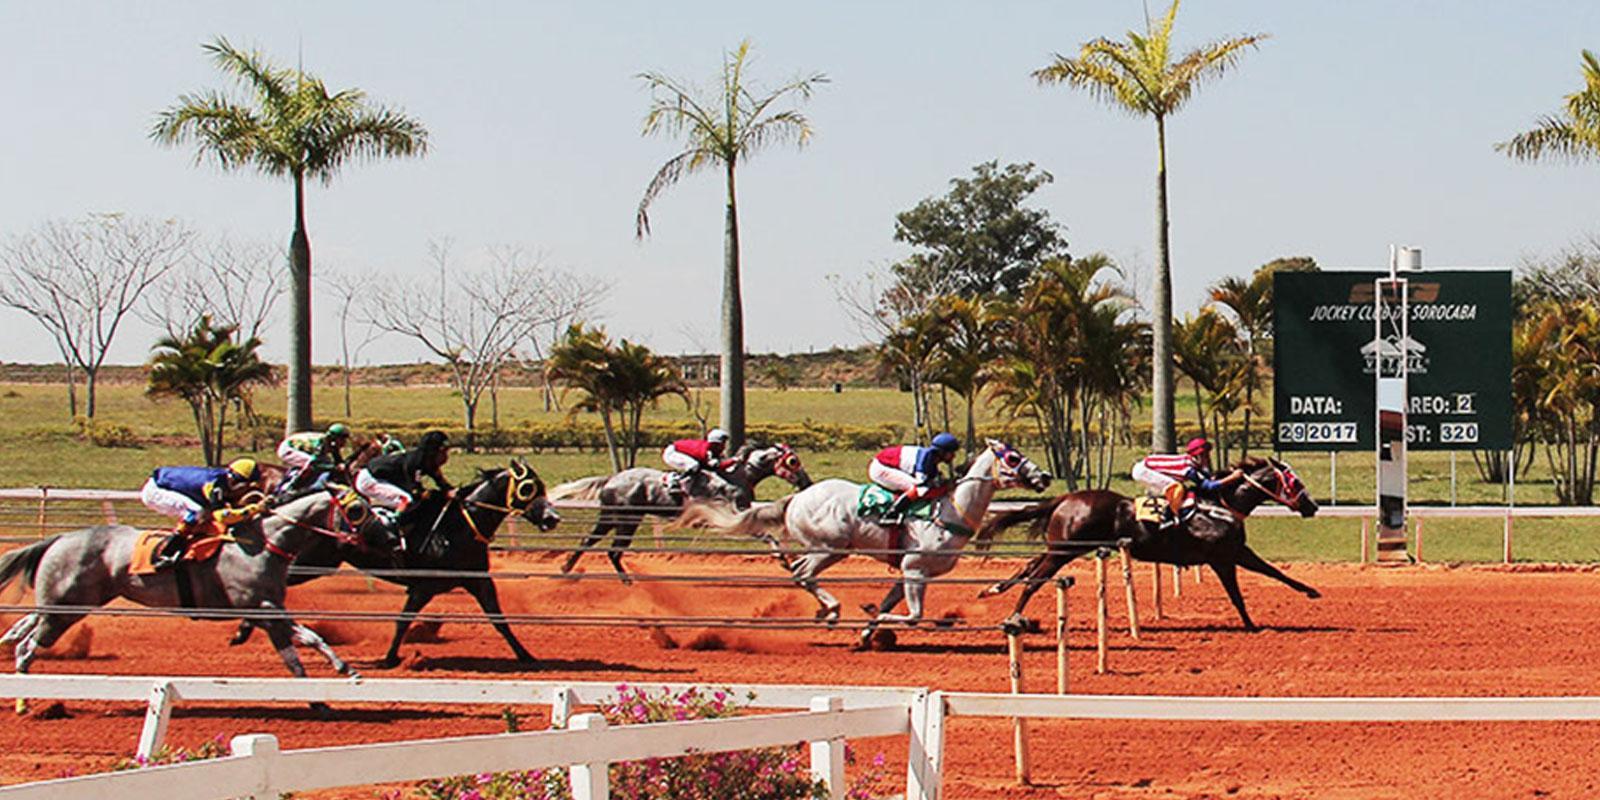 2º Páreo - Reunião 14 no Jockey Club de Sorocaba